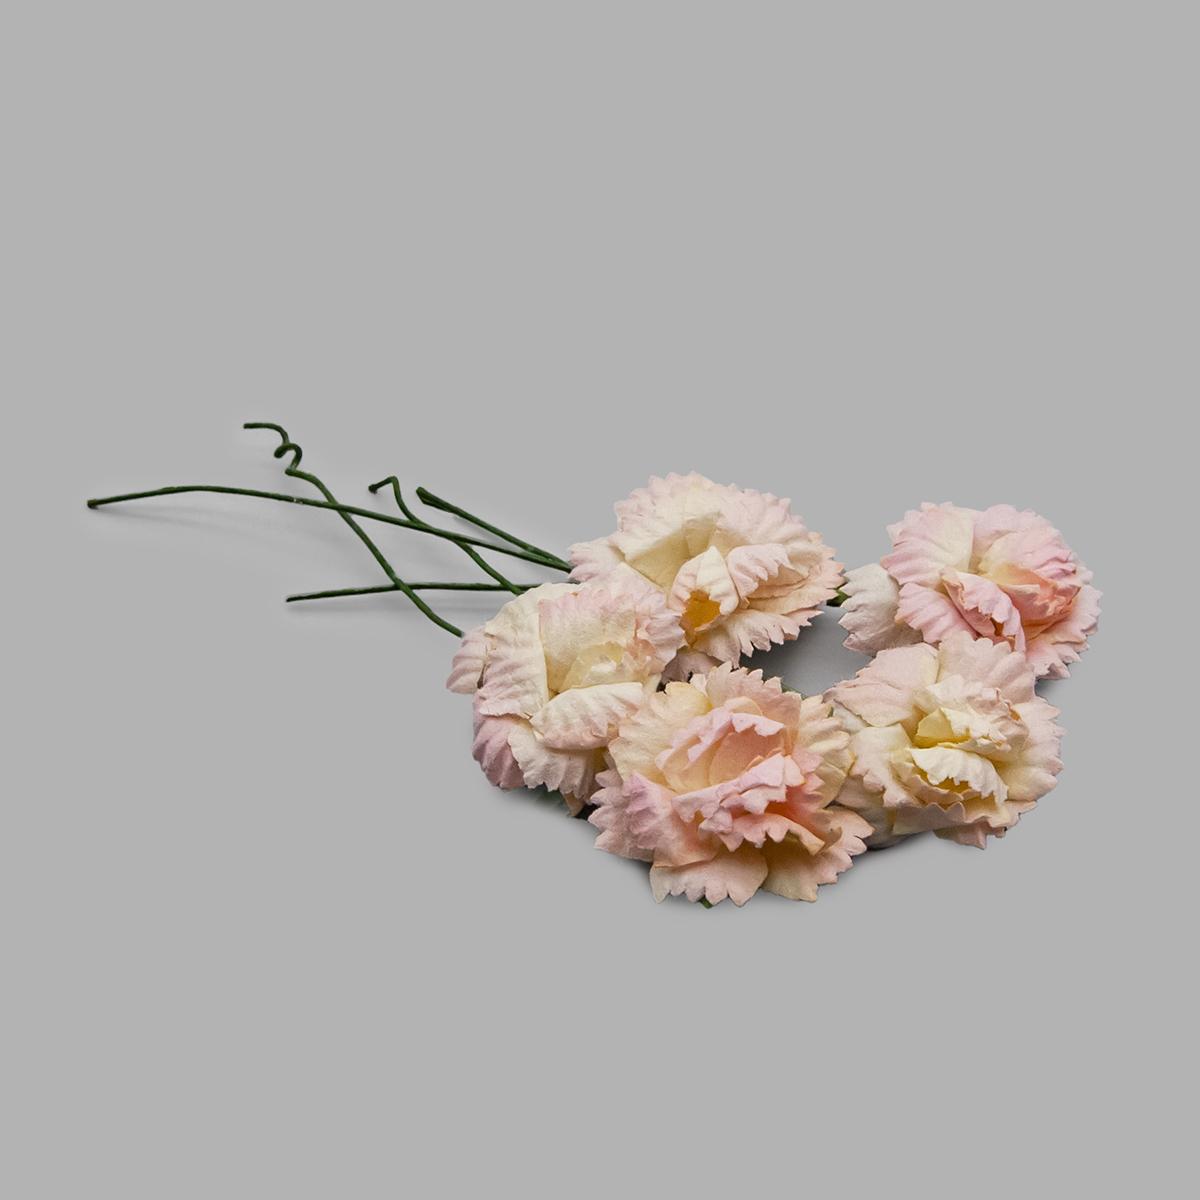 Гвоздики, набор 5 шт, диам 2,5 см, желто-розовые SCB291501